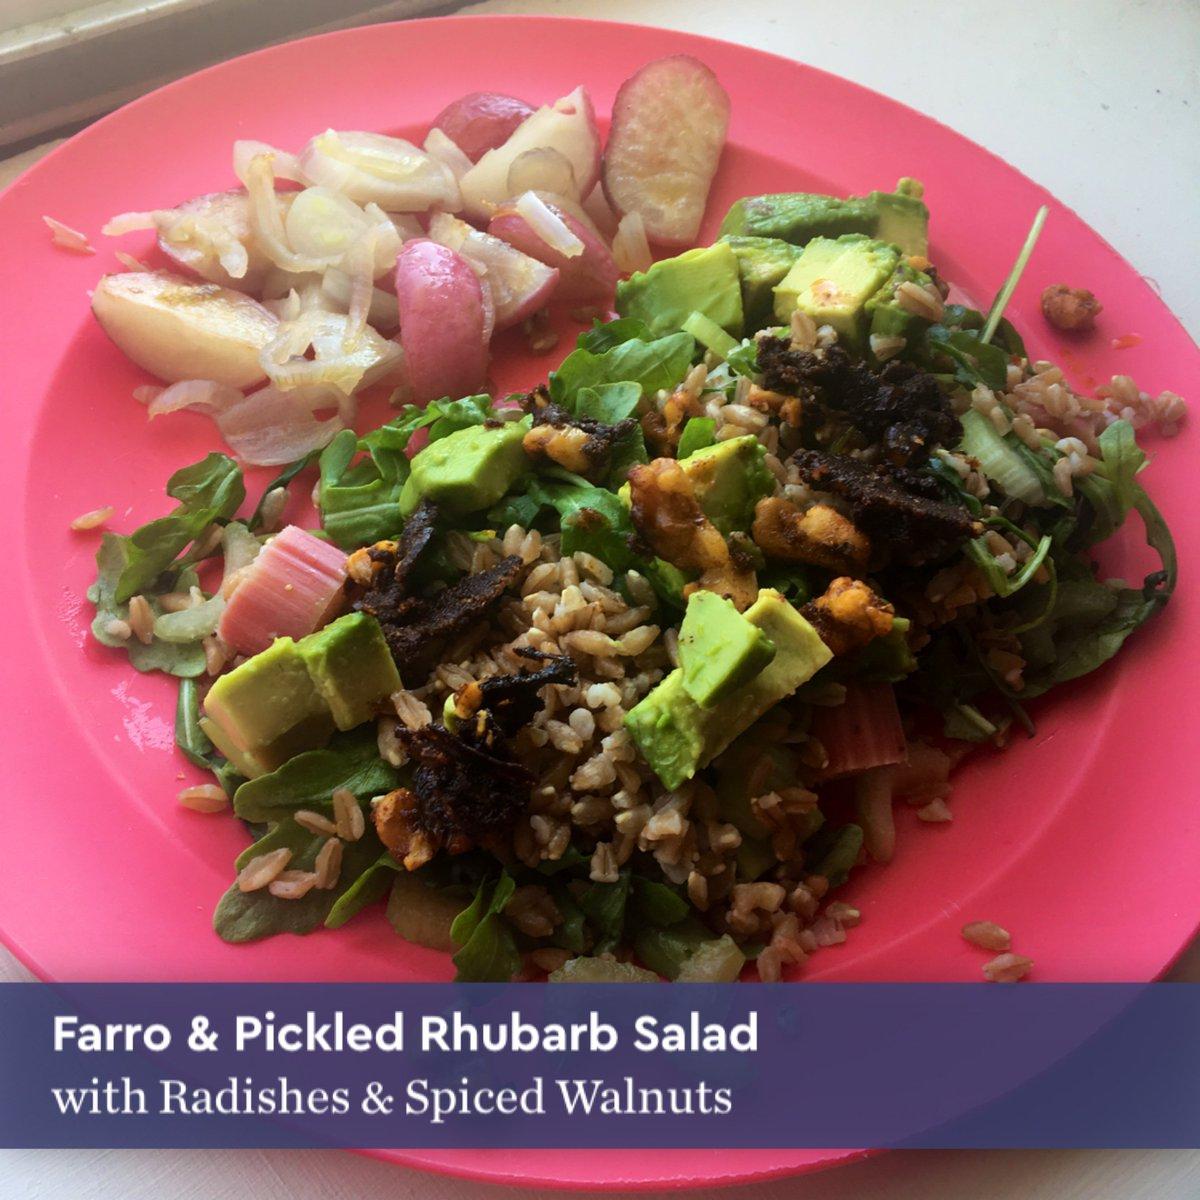 Blue apron lemongrass burger - Farro Pickled Rhubarb Salad With Radishes Spiced Walnuts Blueapron Http Pic Twitter Com Jgbx6fjiri